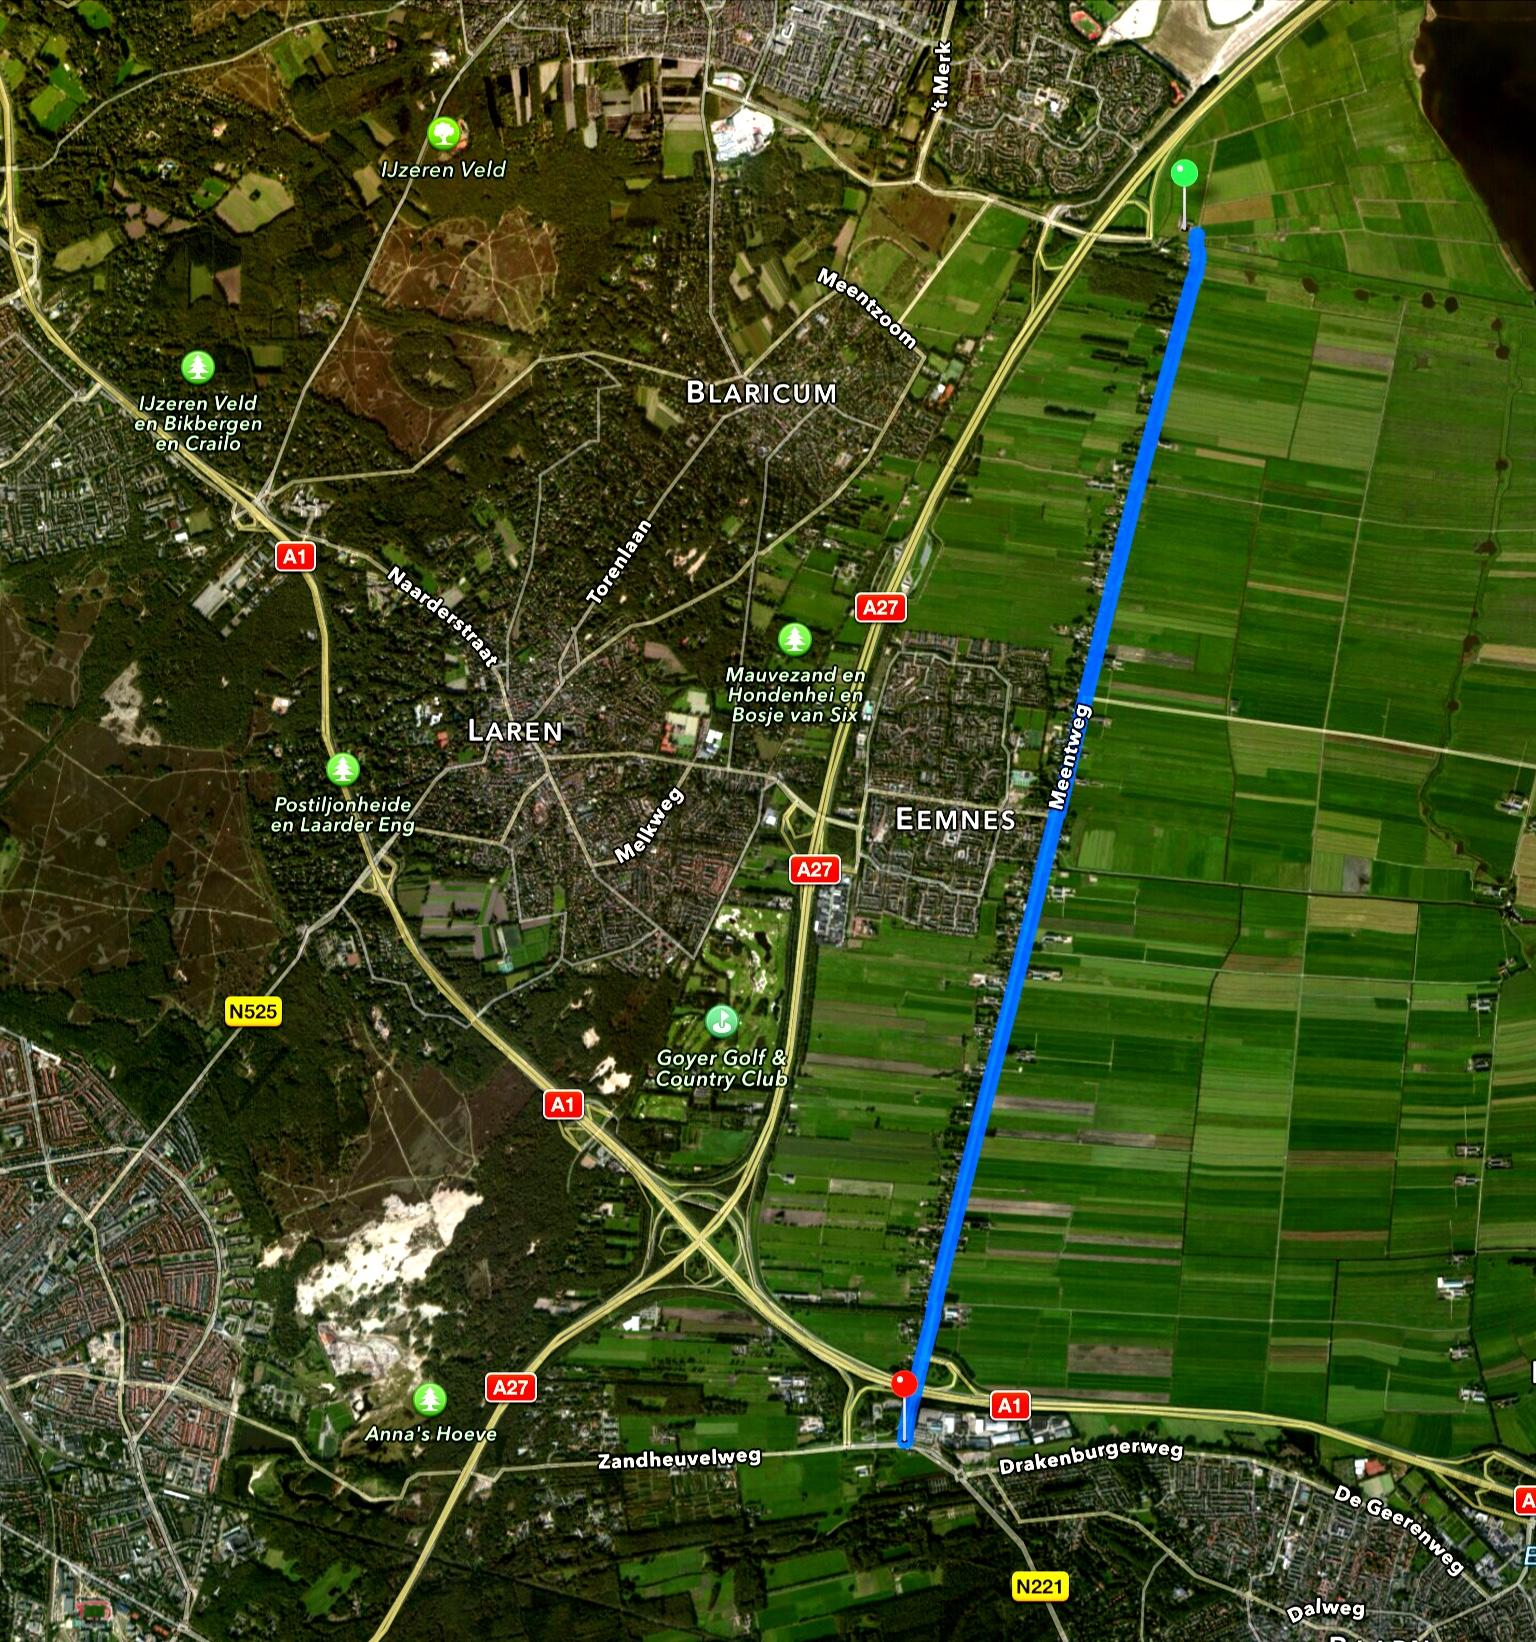 Geheim: Eemnes koopt grond voor 735.000 euro